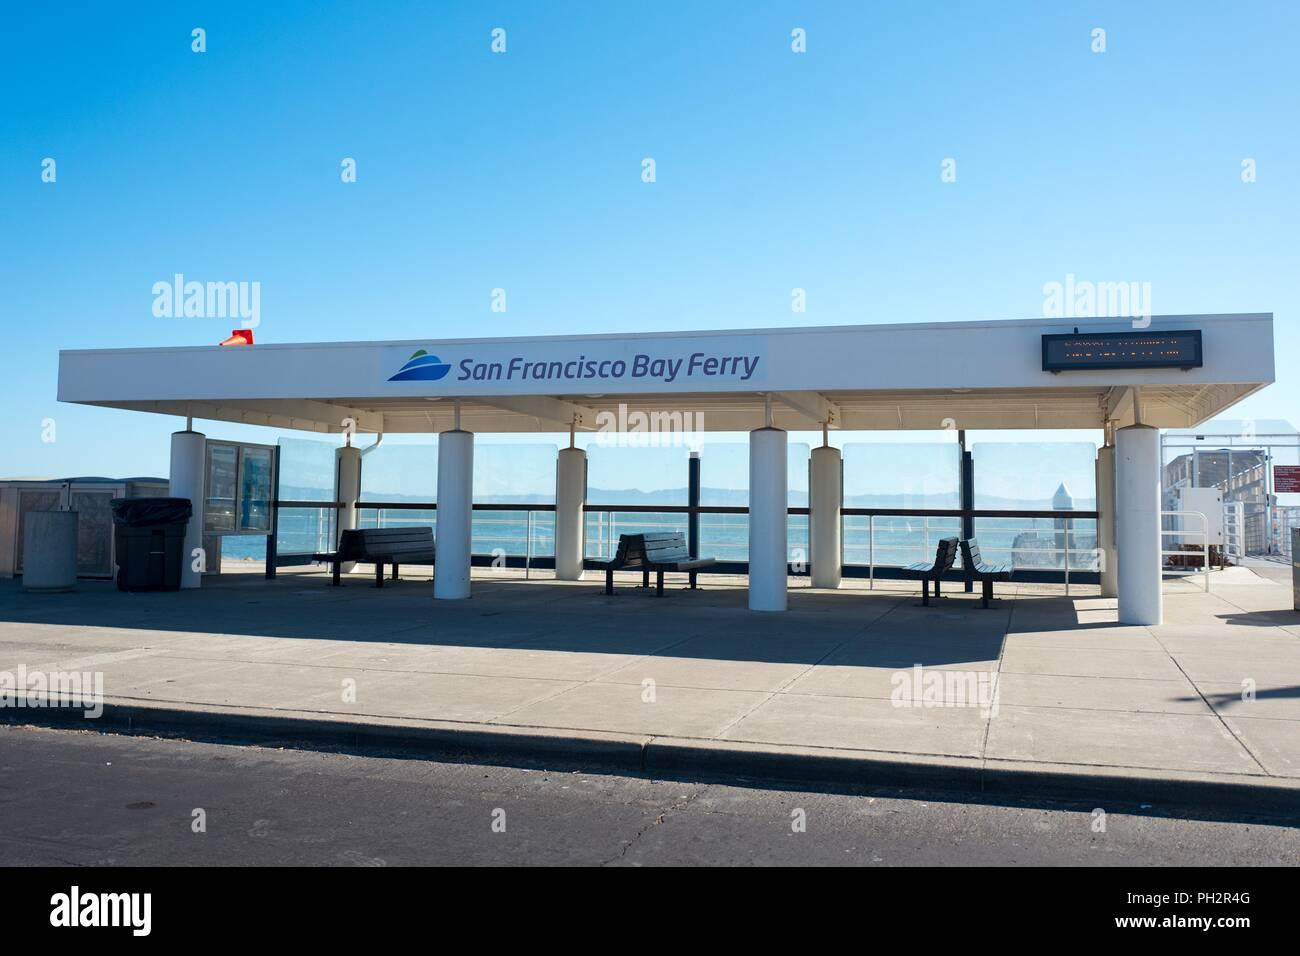 terminal for the san francisco bay ferry on bay farm island, alameda